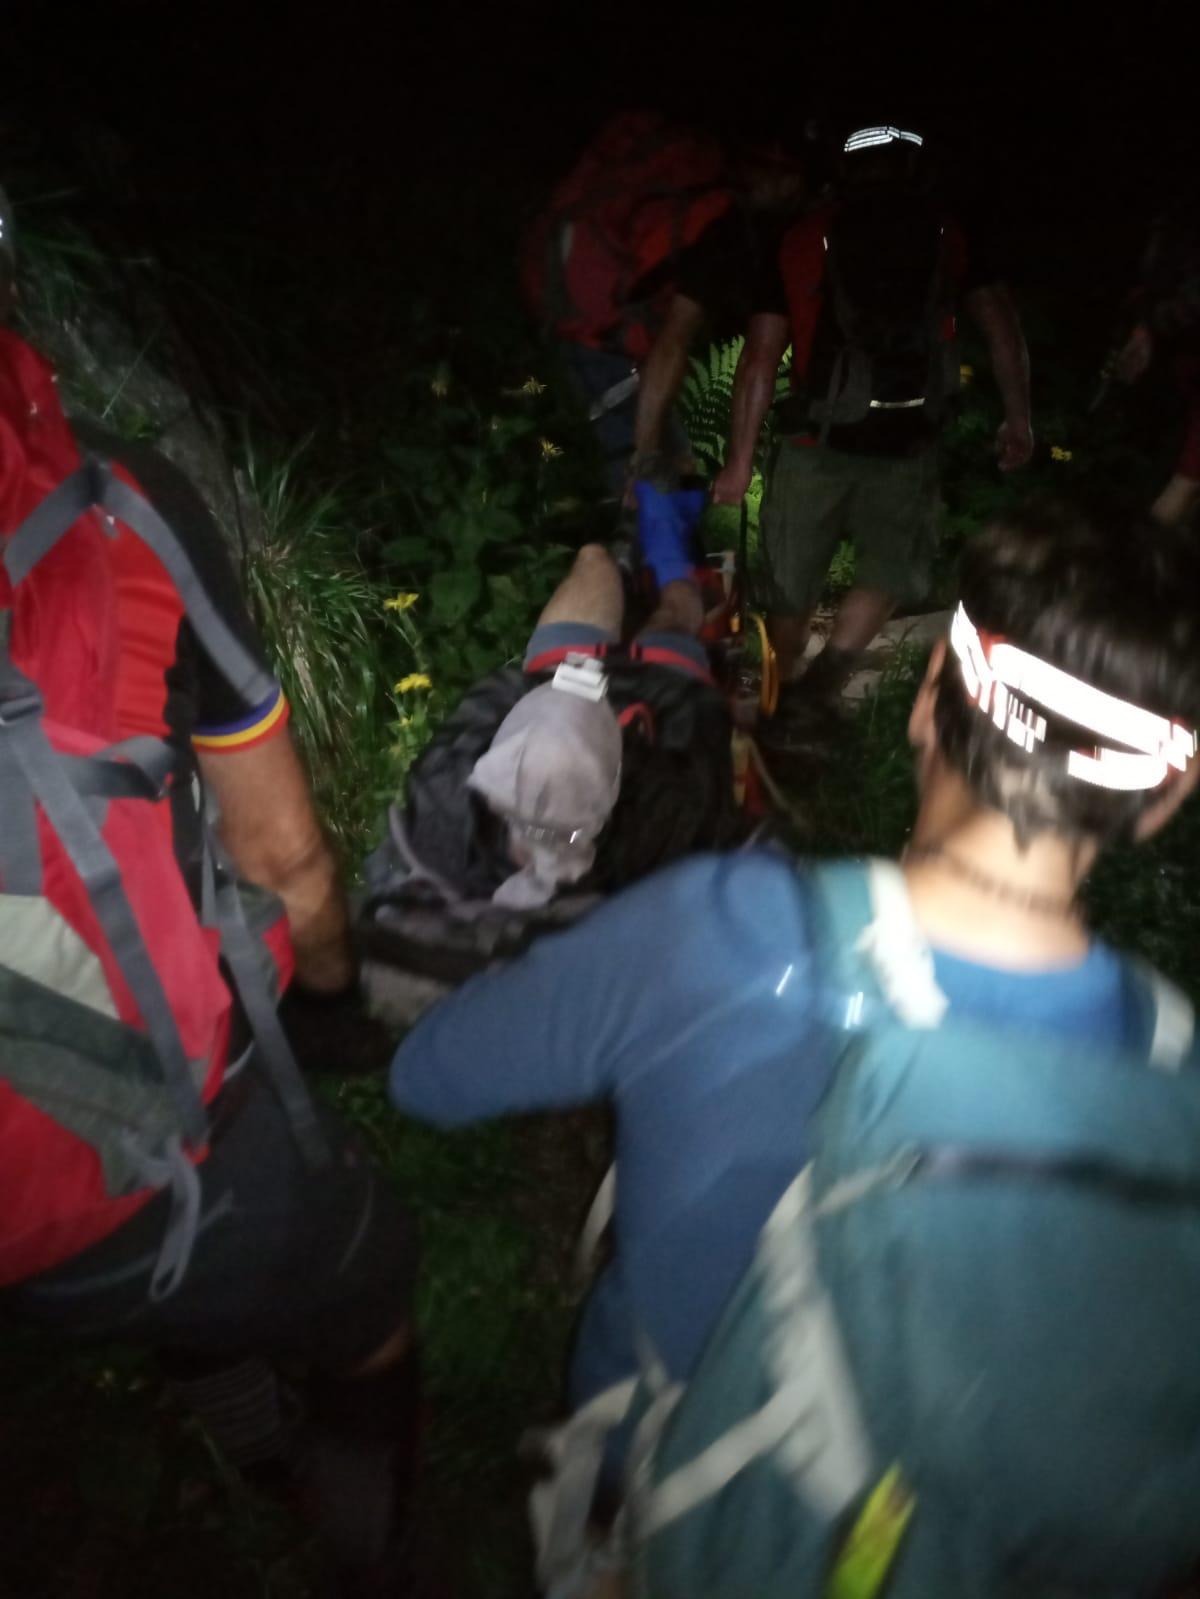 Salvamontiștii au avut o intervenție de mai multe ore, pe munte, pentru un turist care s-a rănit